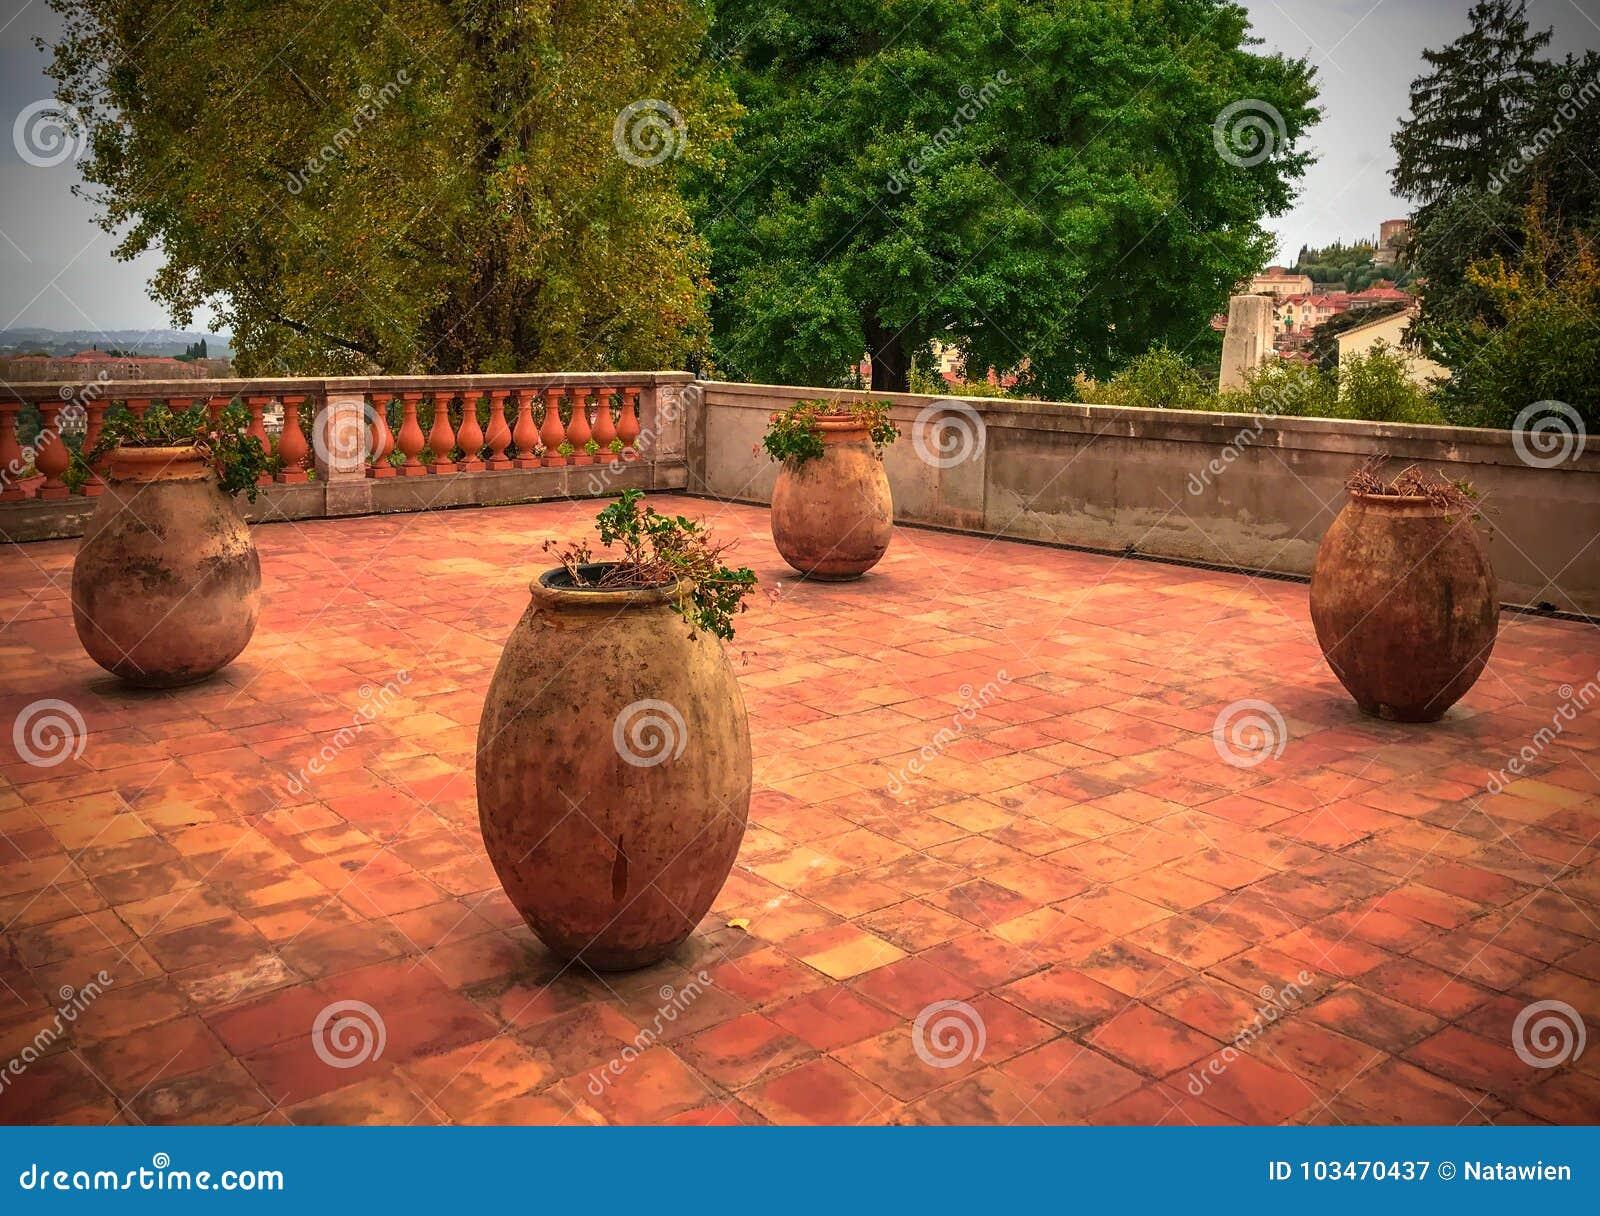 Vasi Da Giardino Grandi.Grandi Vasi Da Fiori Ceramici Sul Pavimento Ceramico